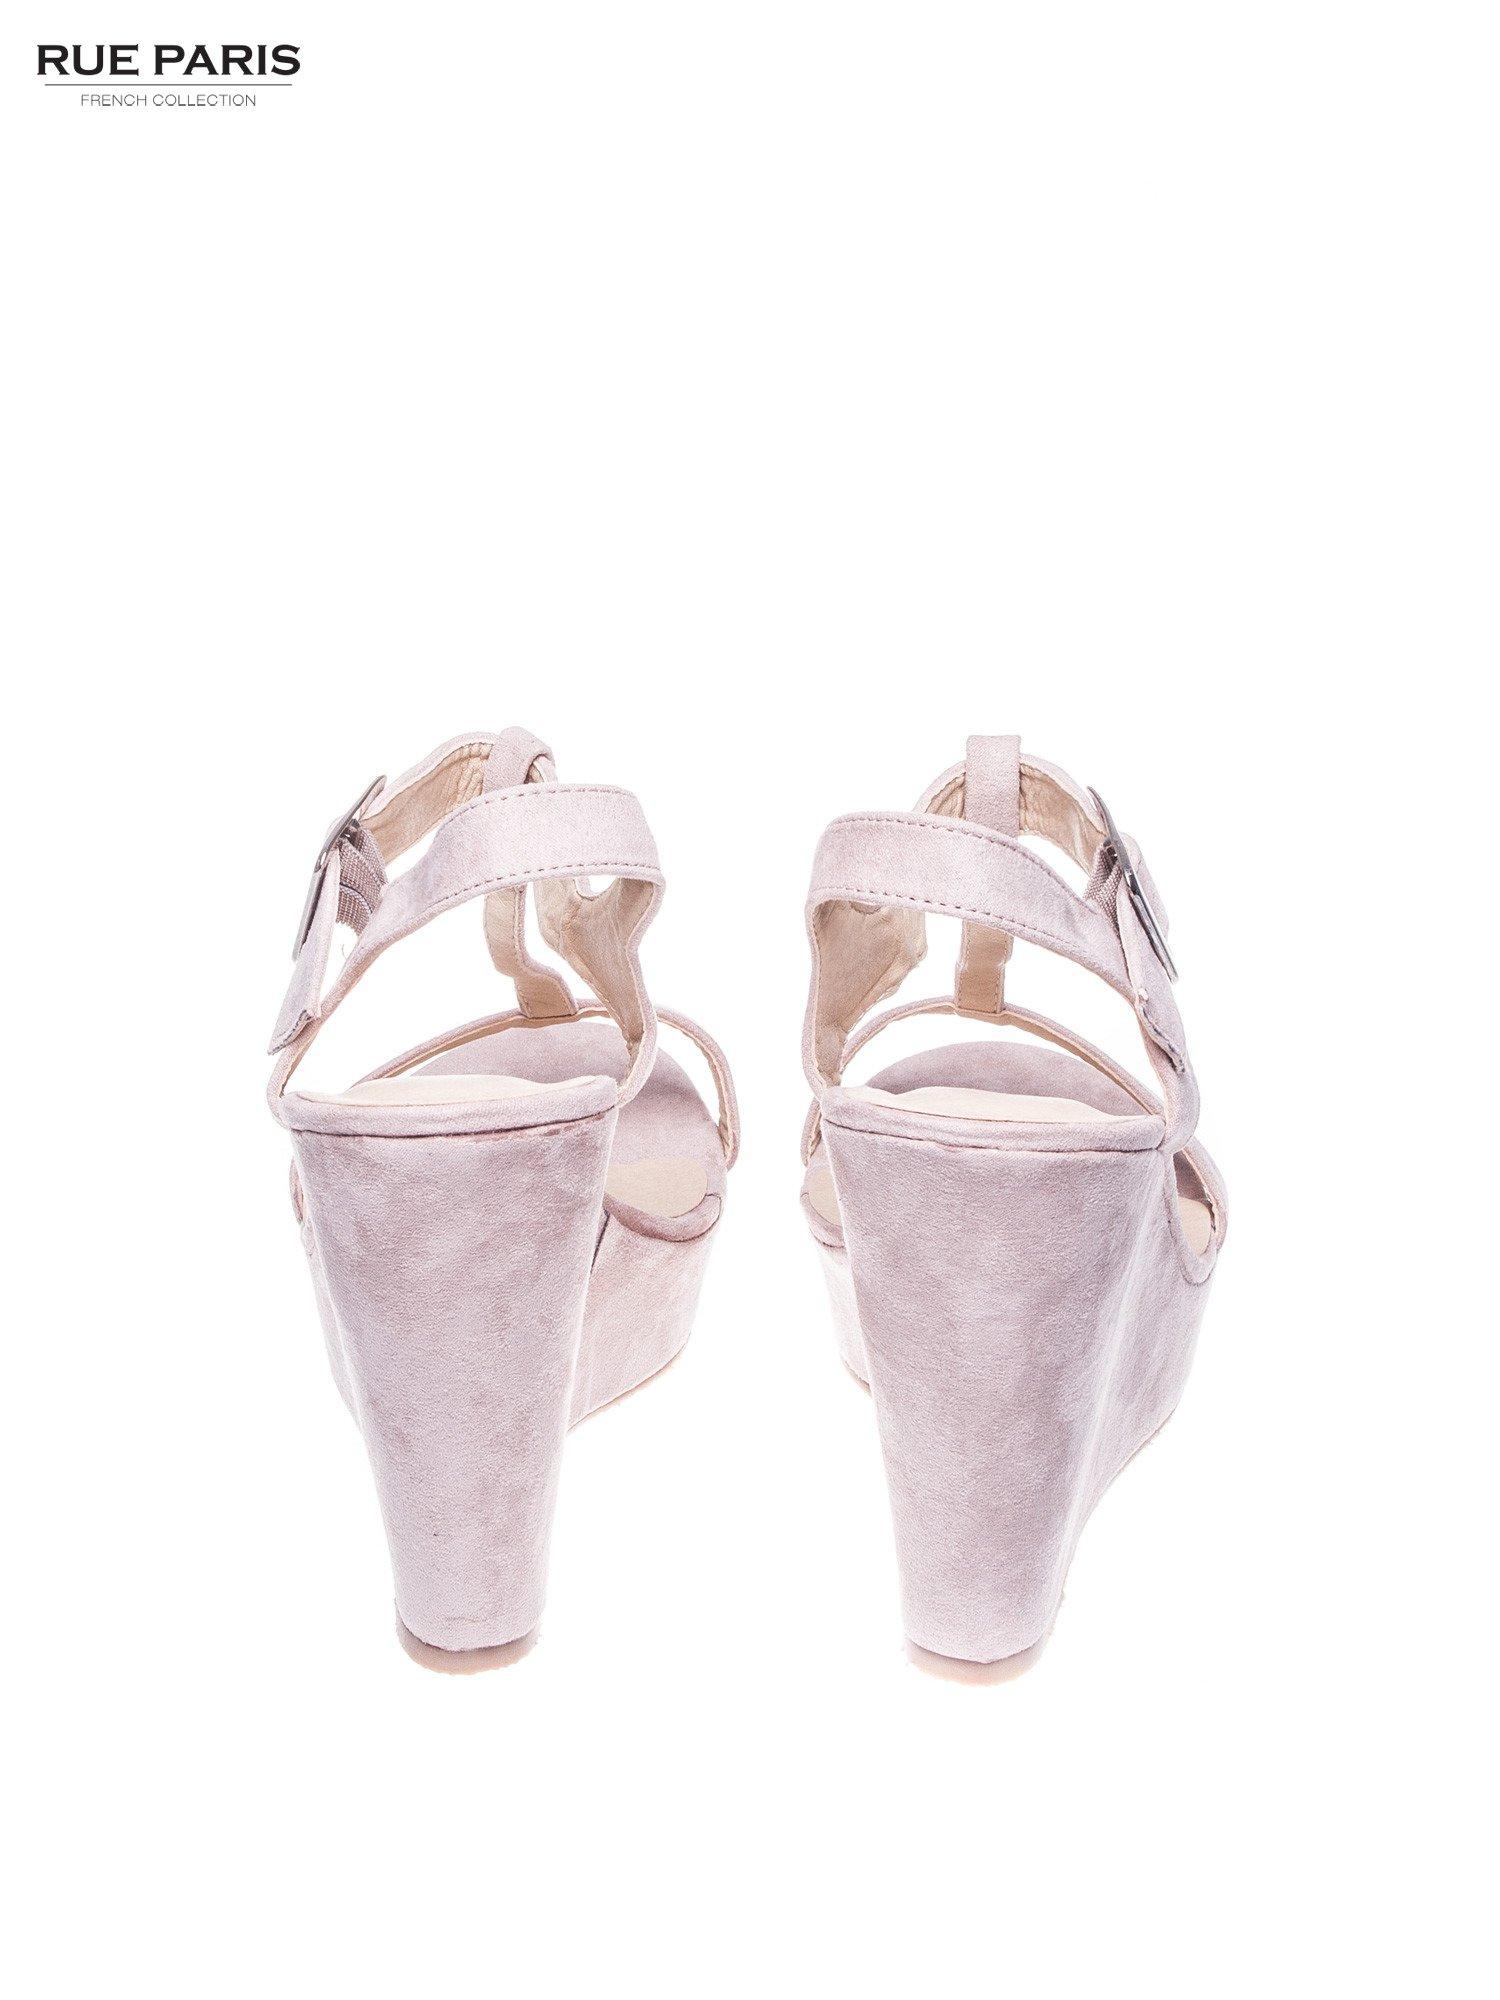 Beżowe zamszowe sandały t-bary na koturnie                                  zdj.                                  3